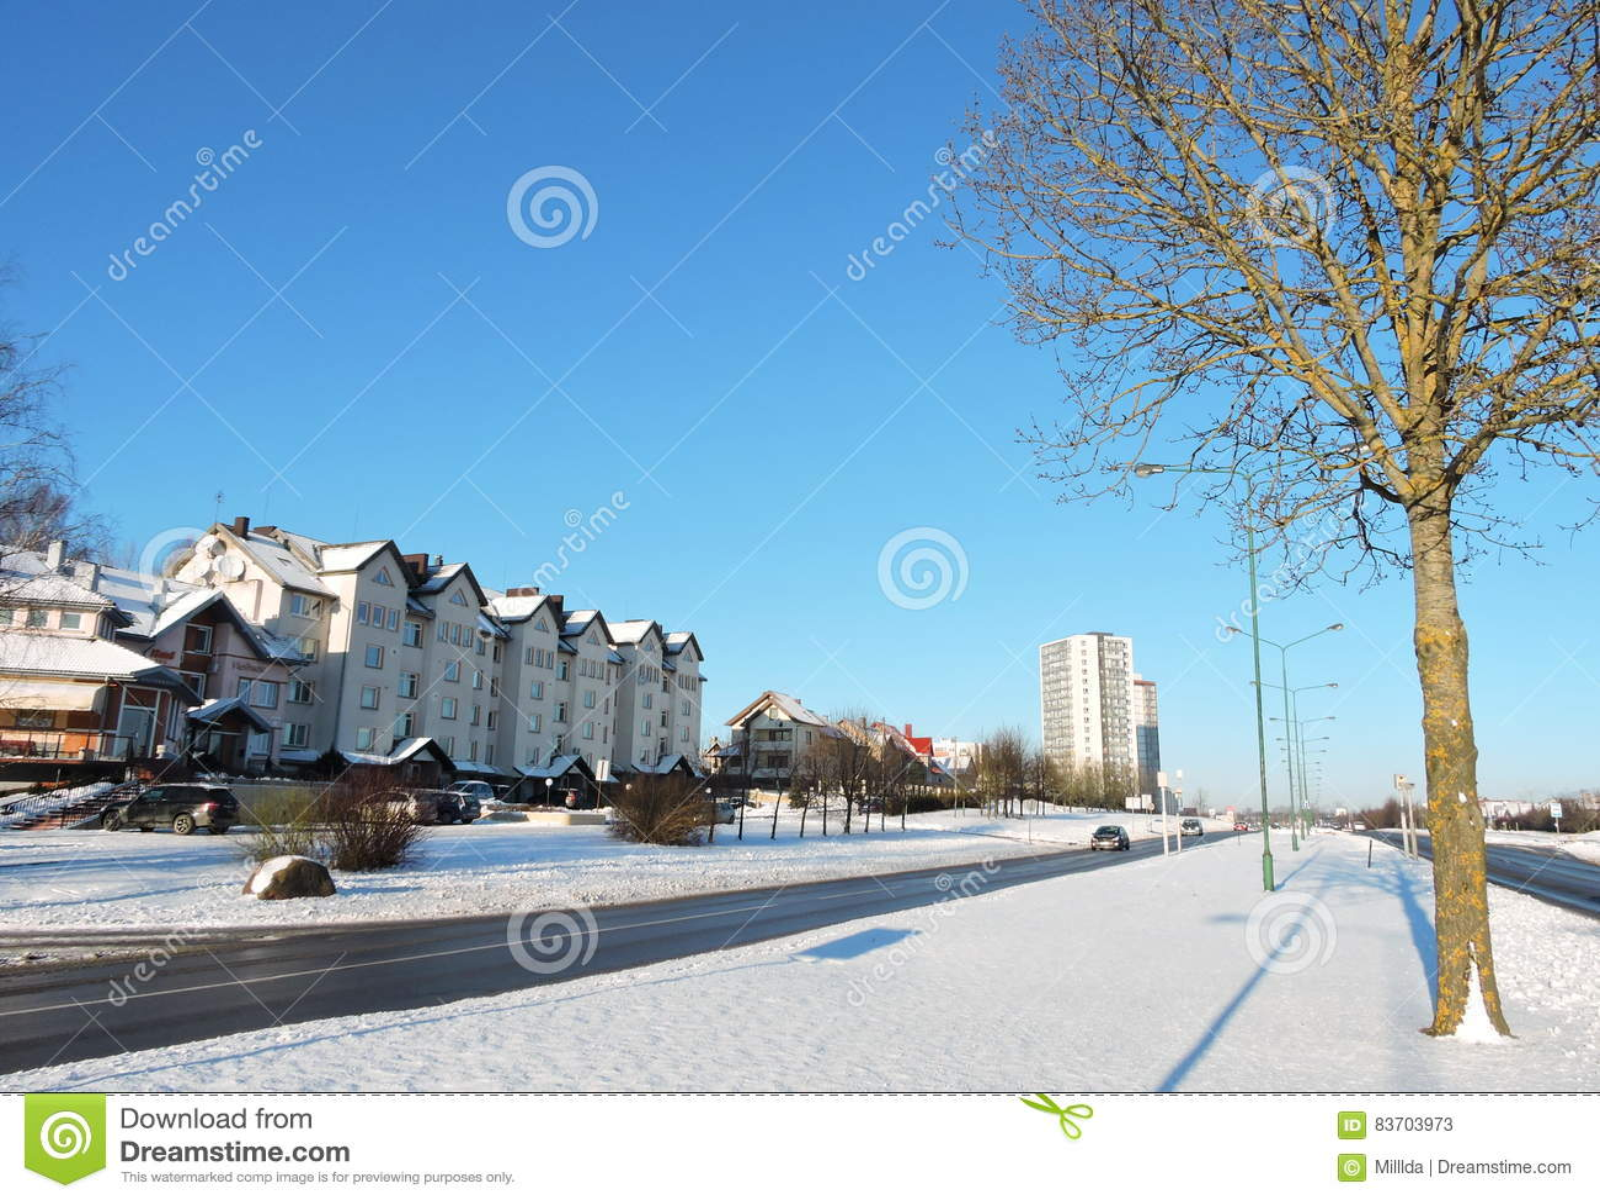 Klaipeda Town, Lithuania Editorial Stock Photo